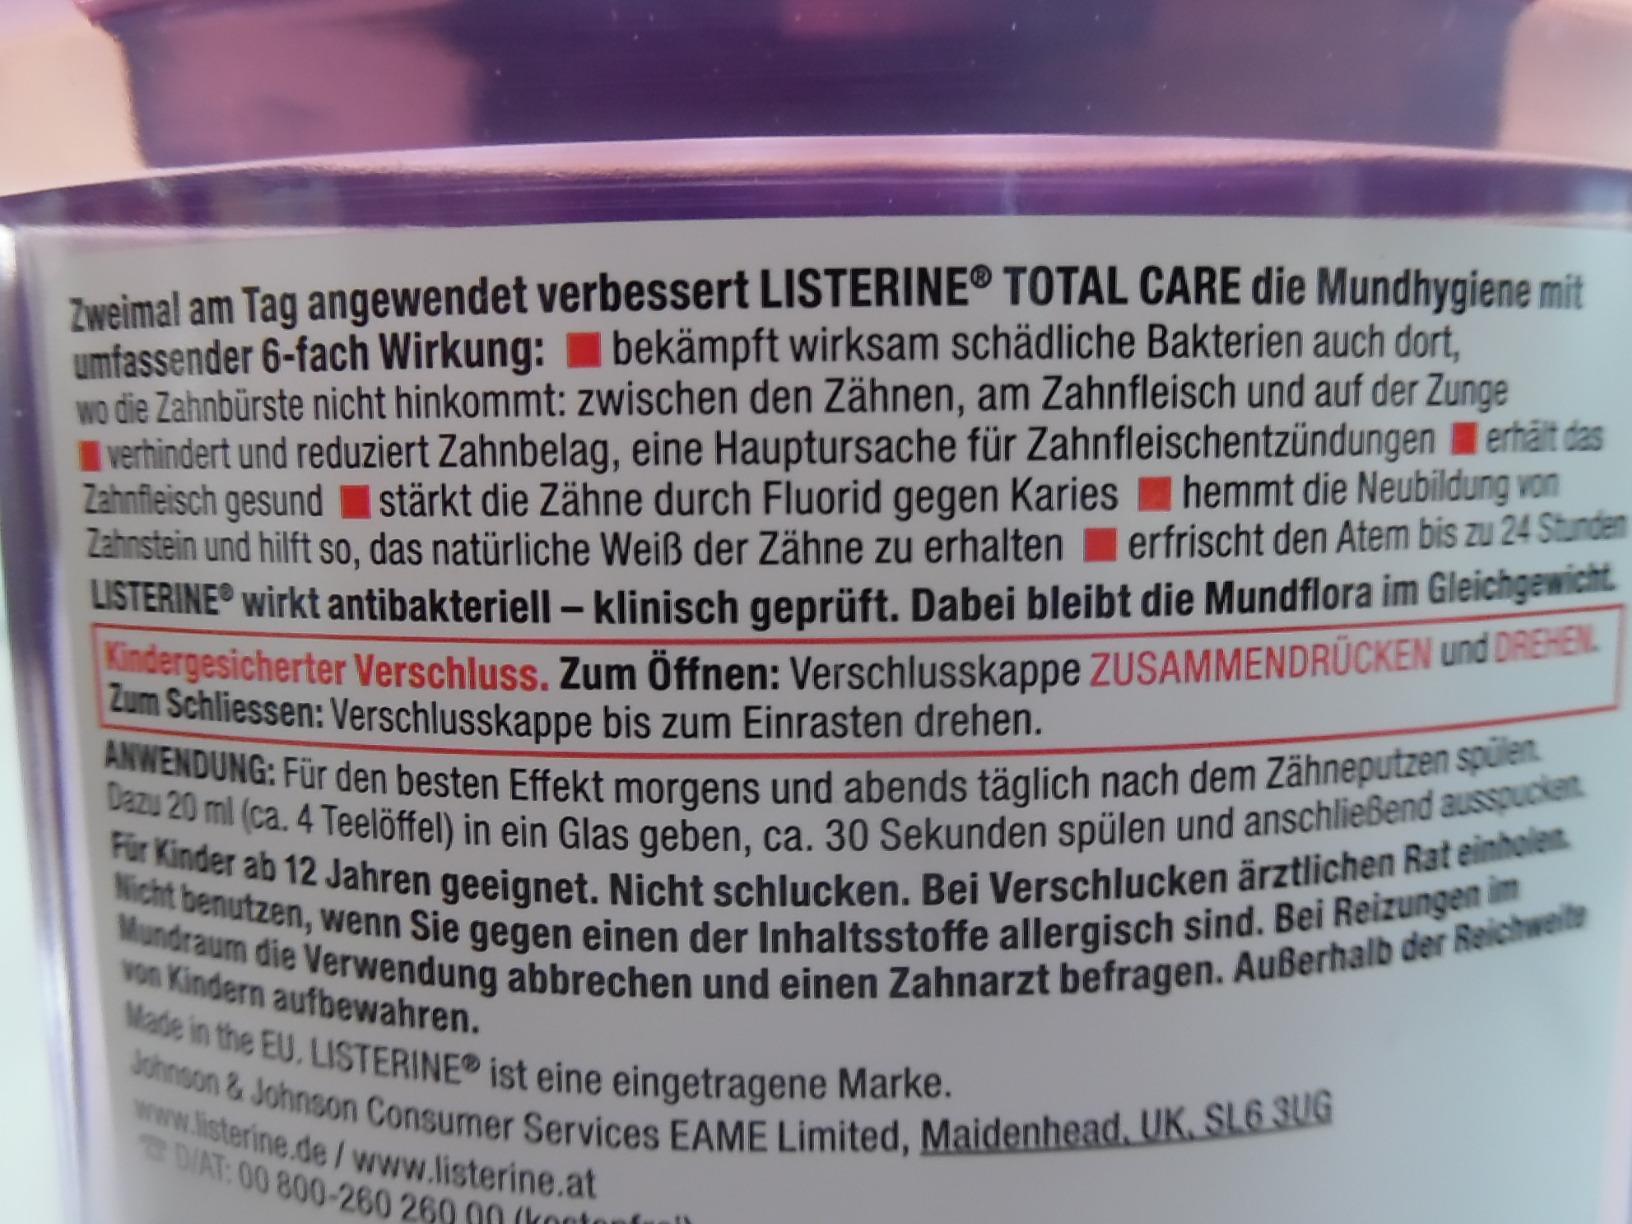 Alkohol listerine ist in prozent wieviel Listerine /